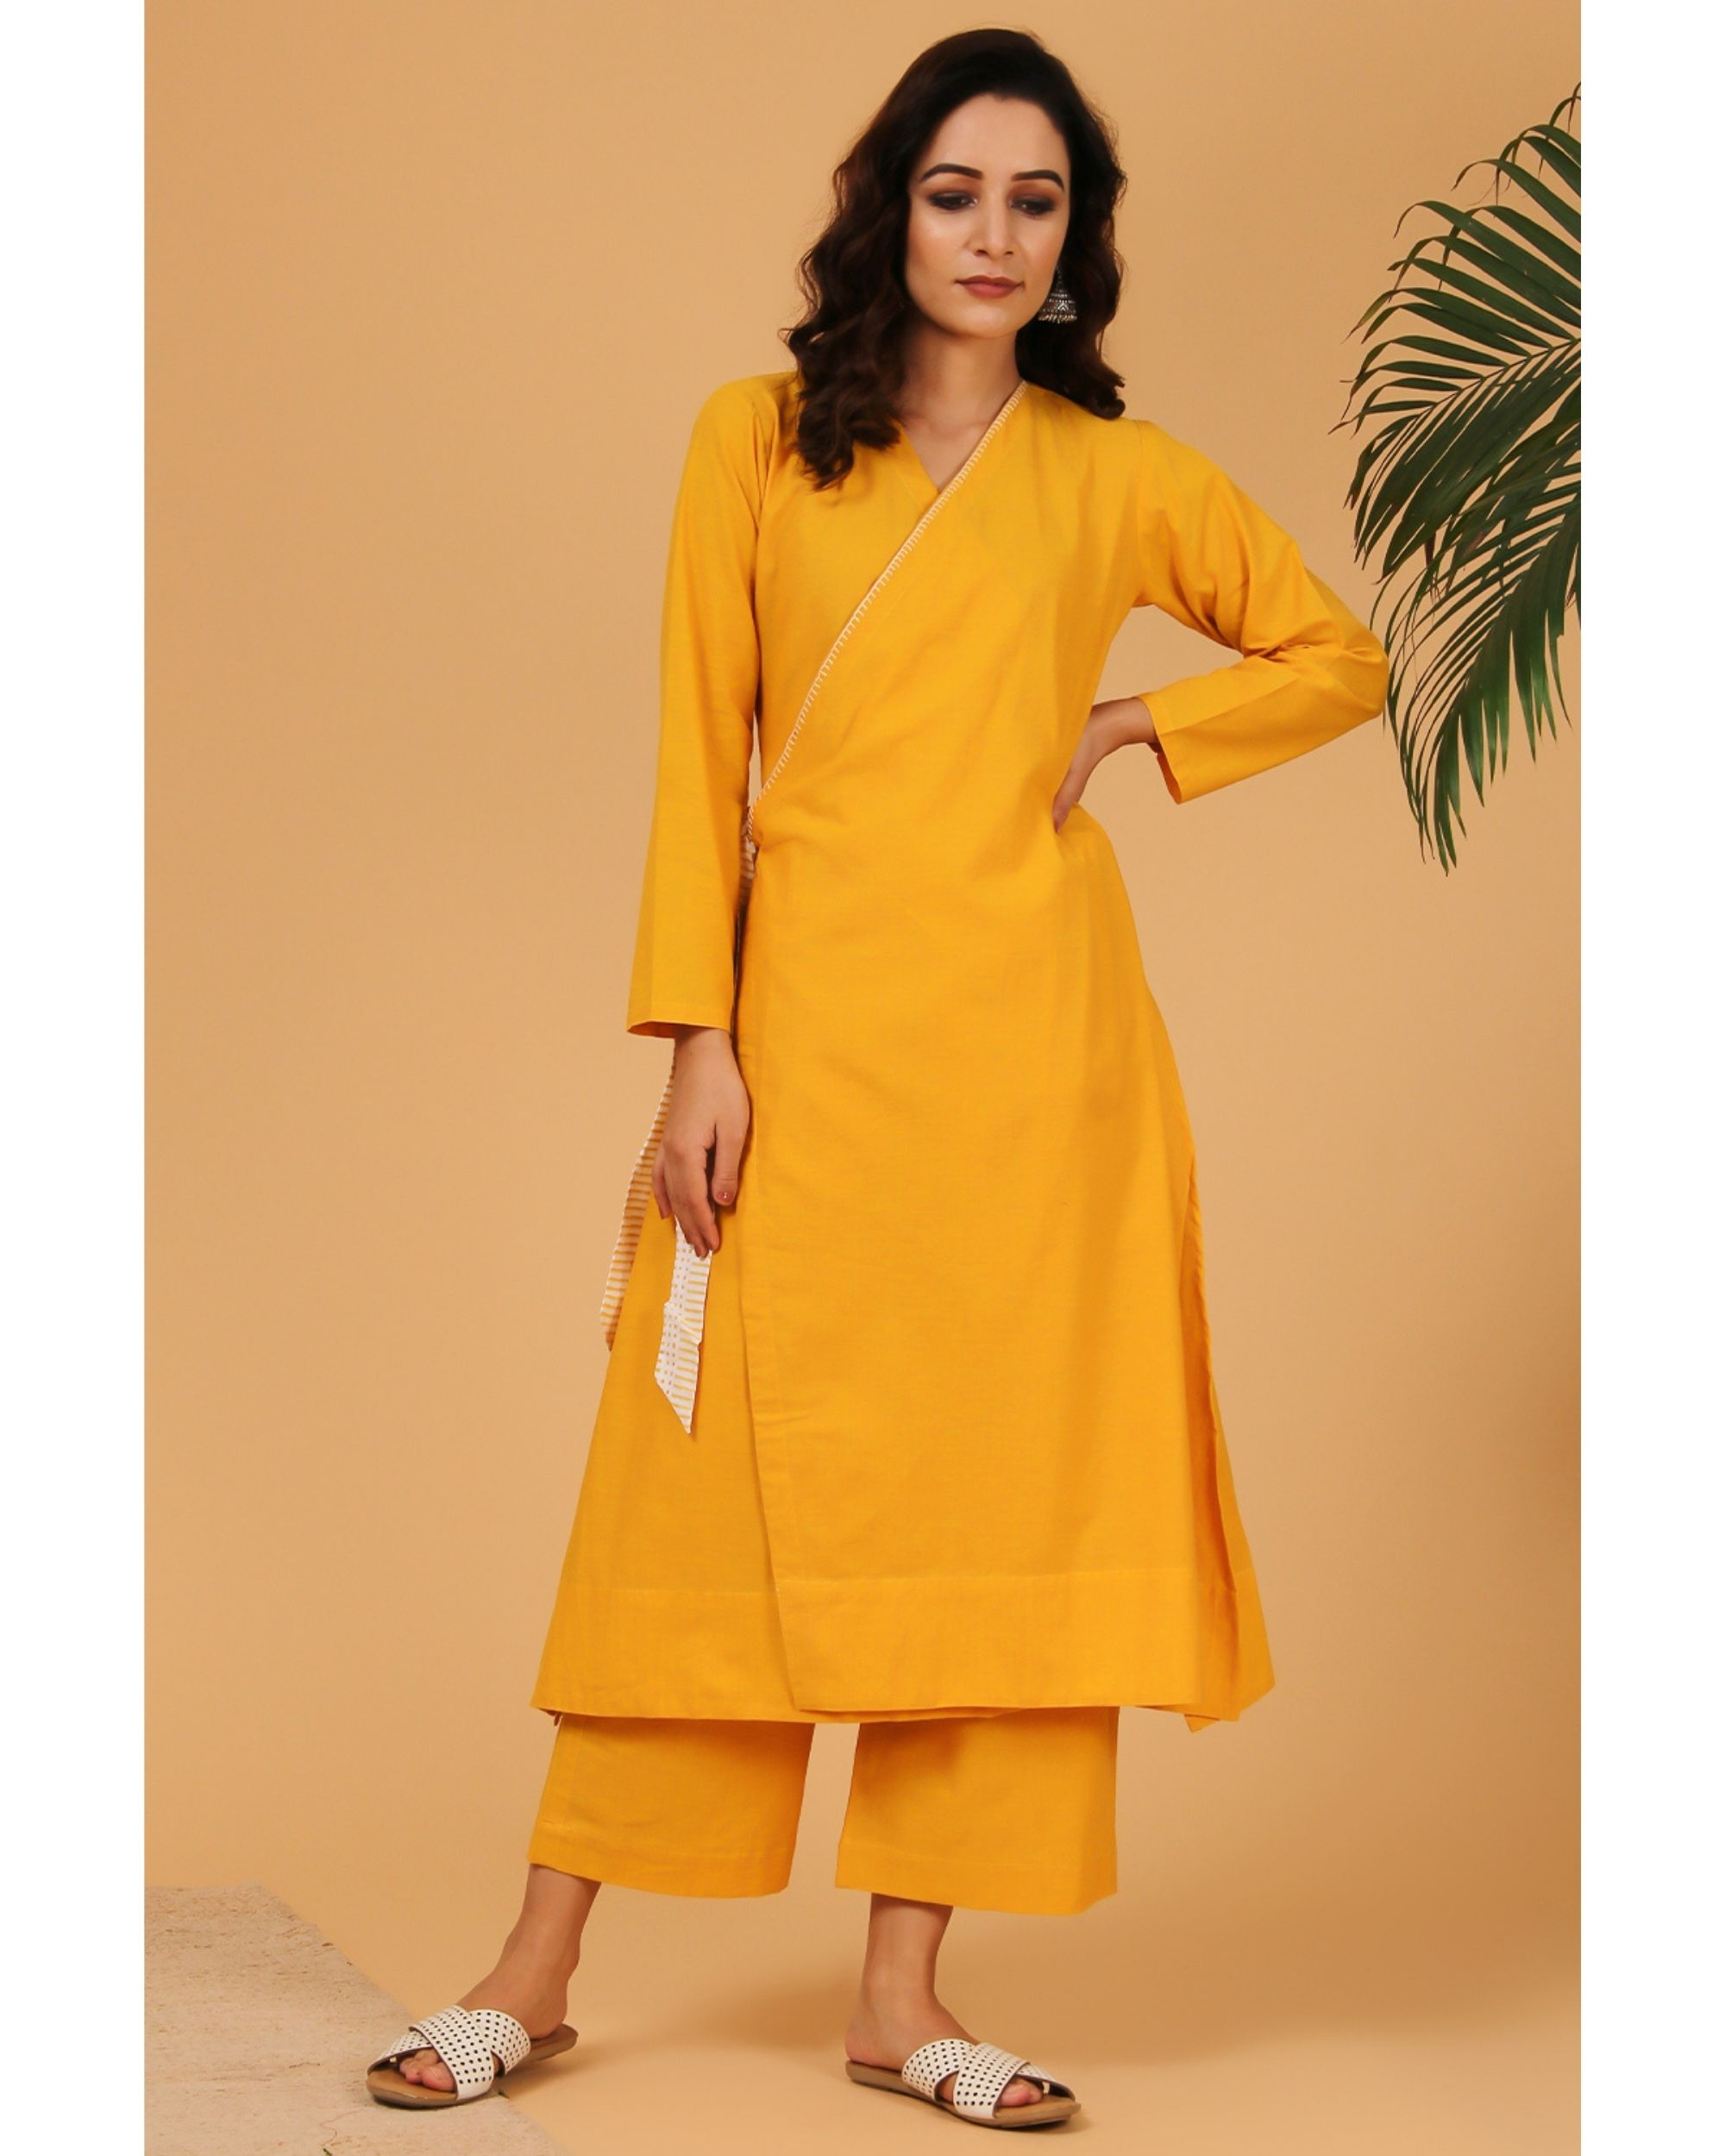 Mustard yellow hand embroidered angrakha kurta